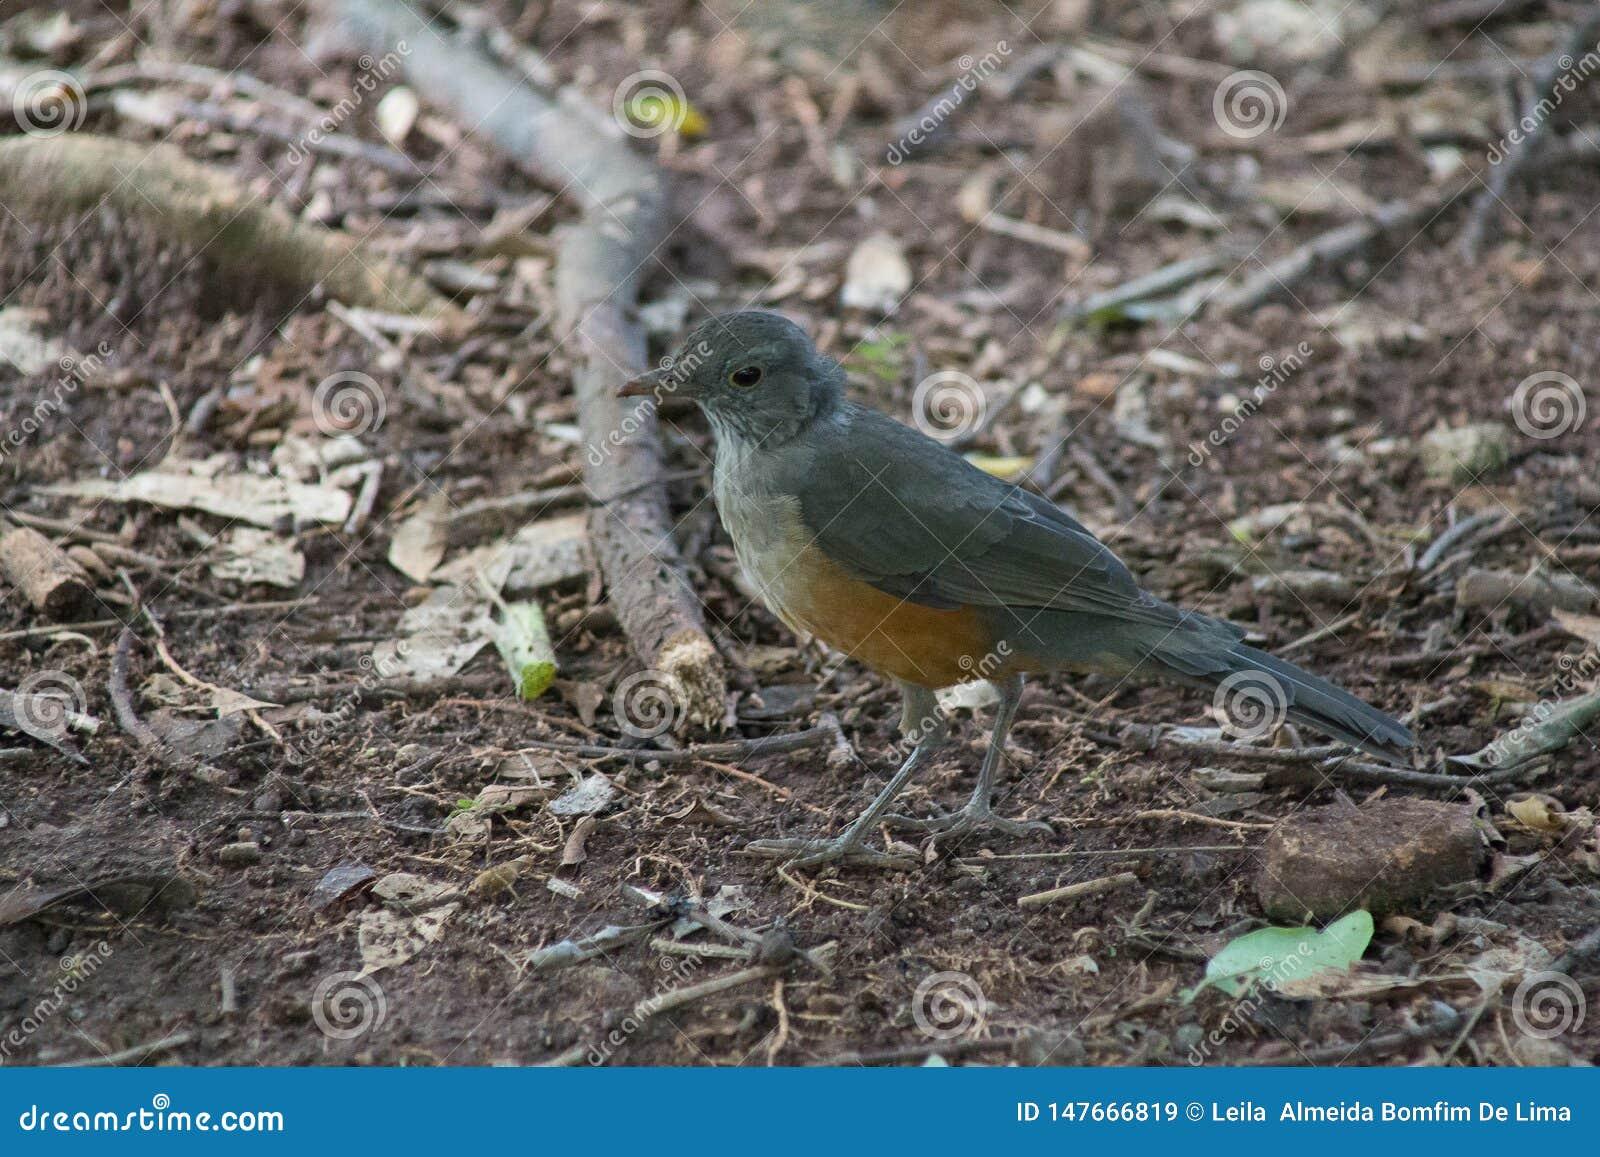 De mooie vogel die in het bos lopen het zoekt voedsel